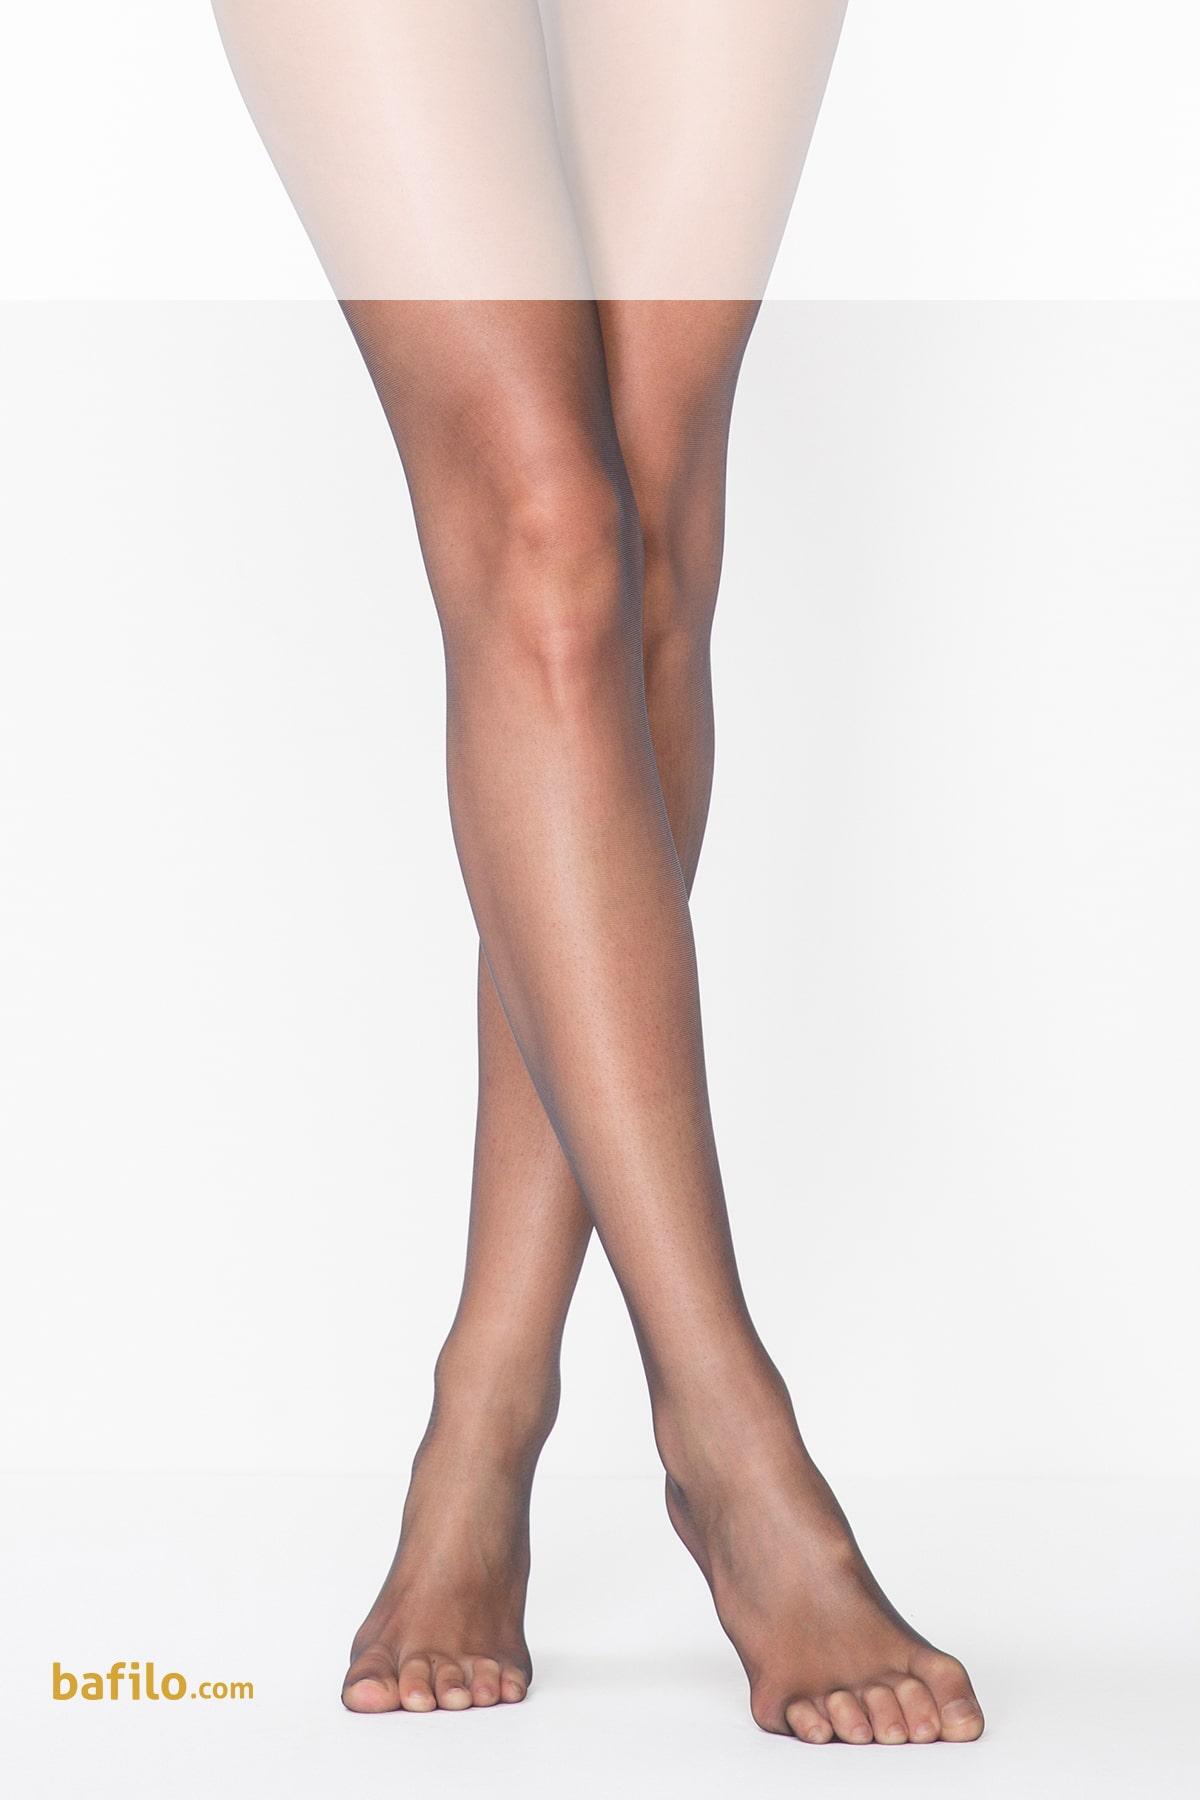 پنتی | Penti - جوراب شلواری بسیار نازک زنانه پنتی Yok Gibi 5 - مشکی